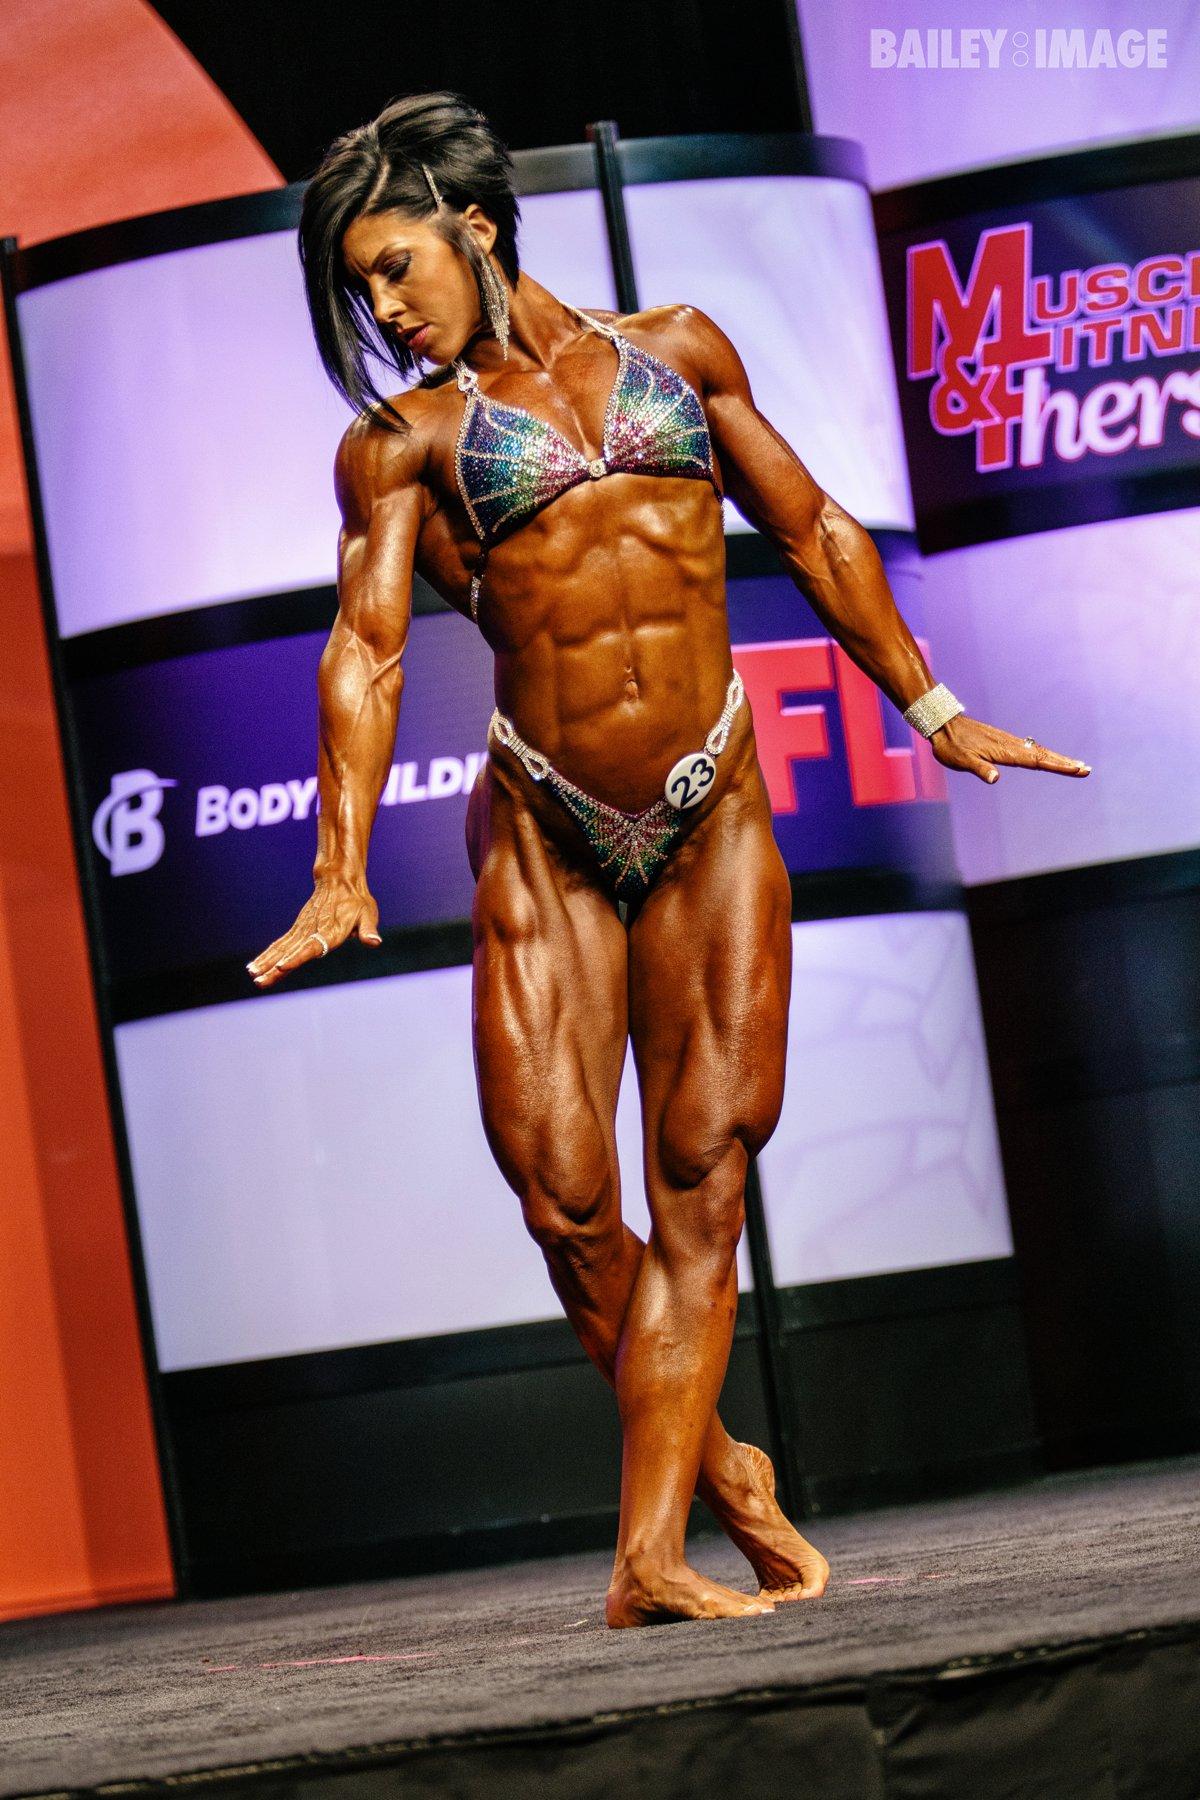 dana linn bailey having a mental breakdown - Bodybuilding